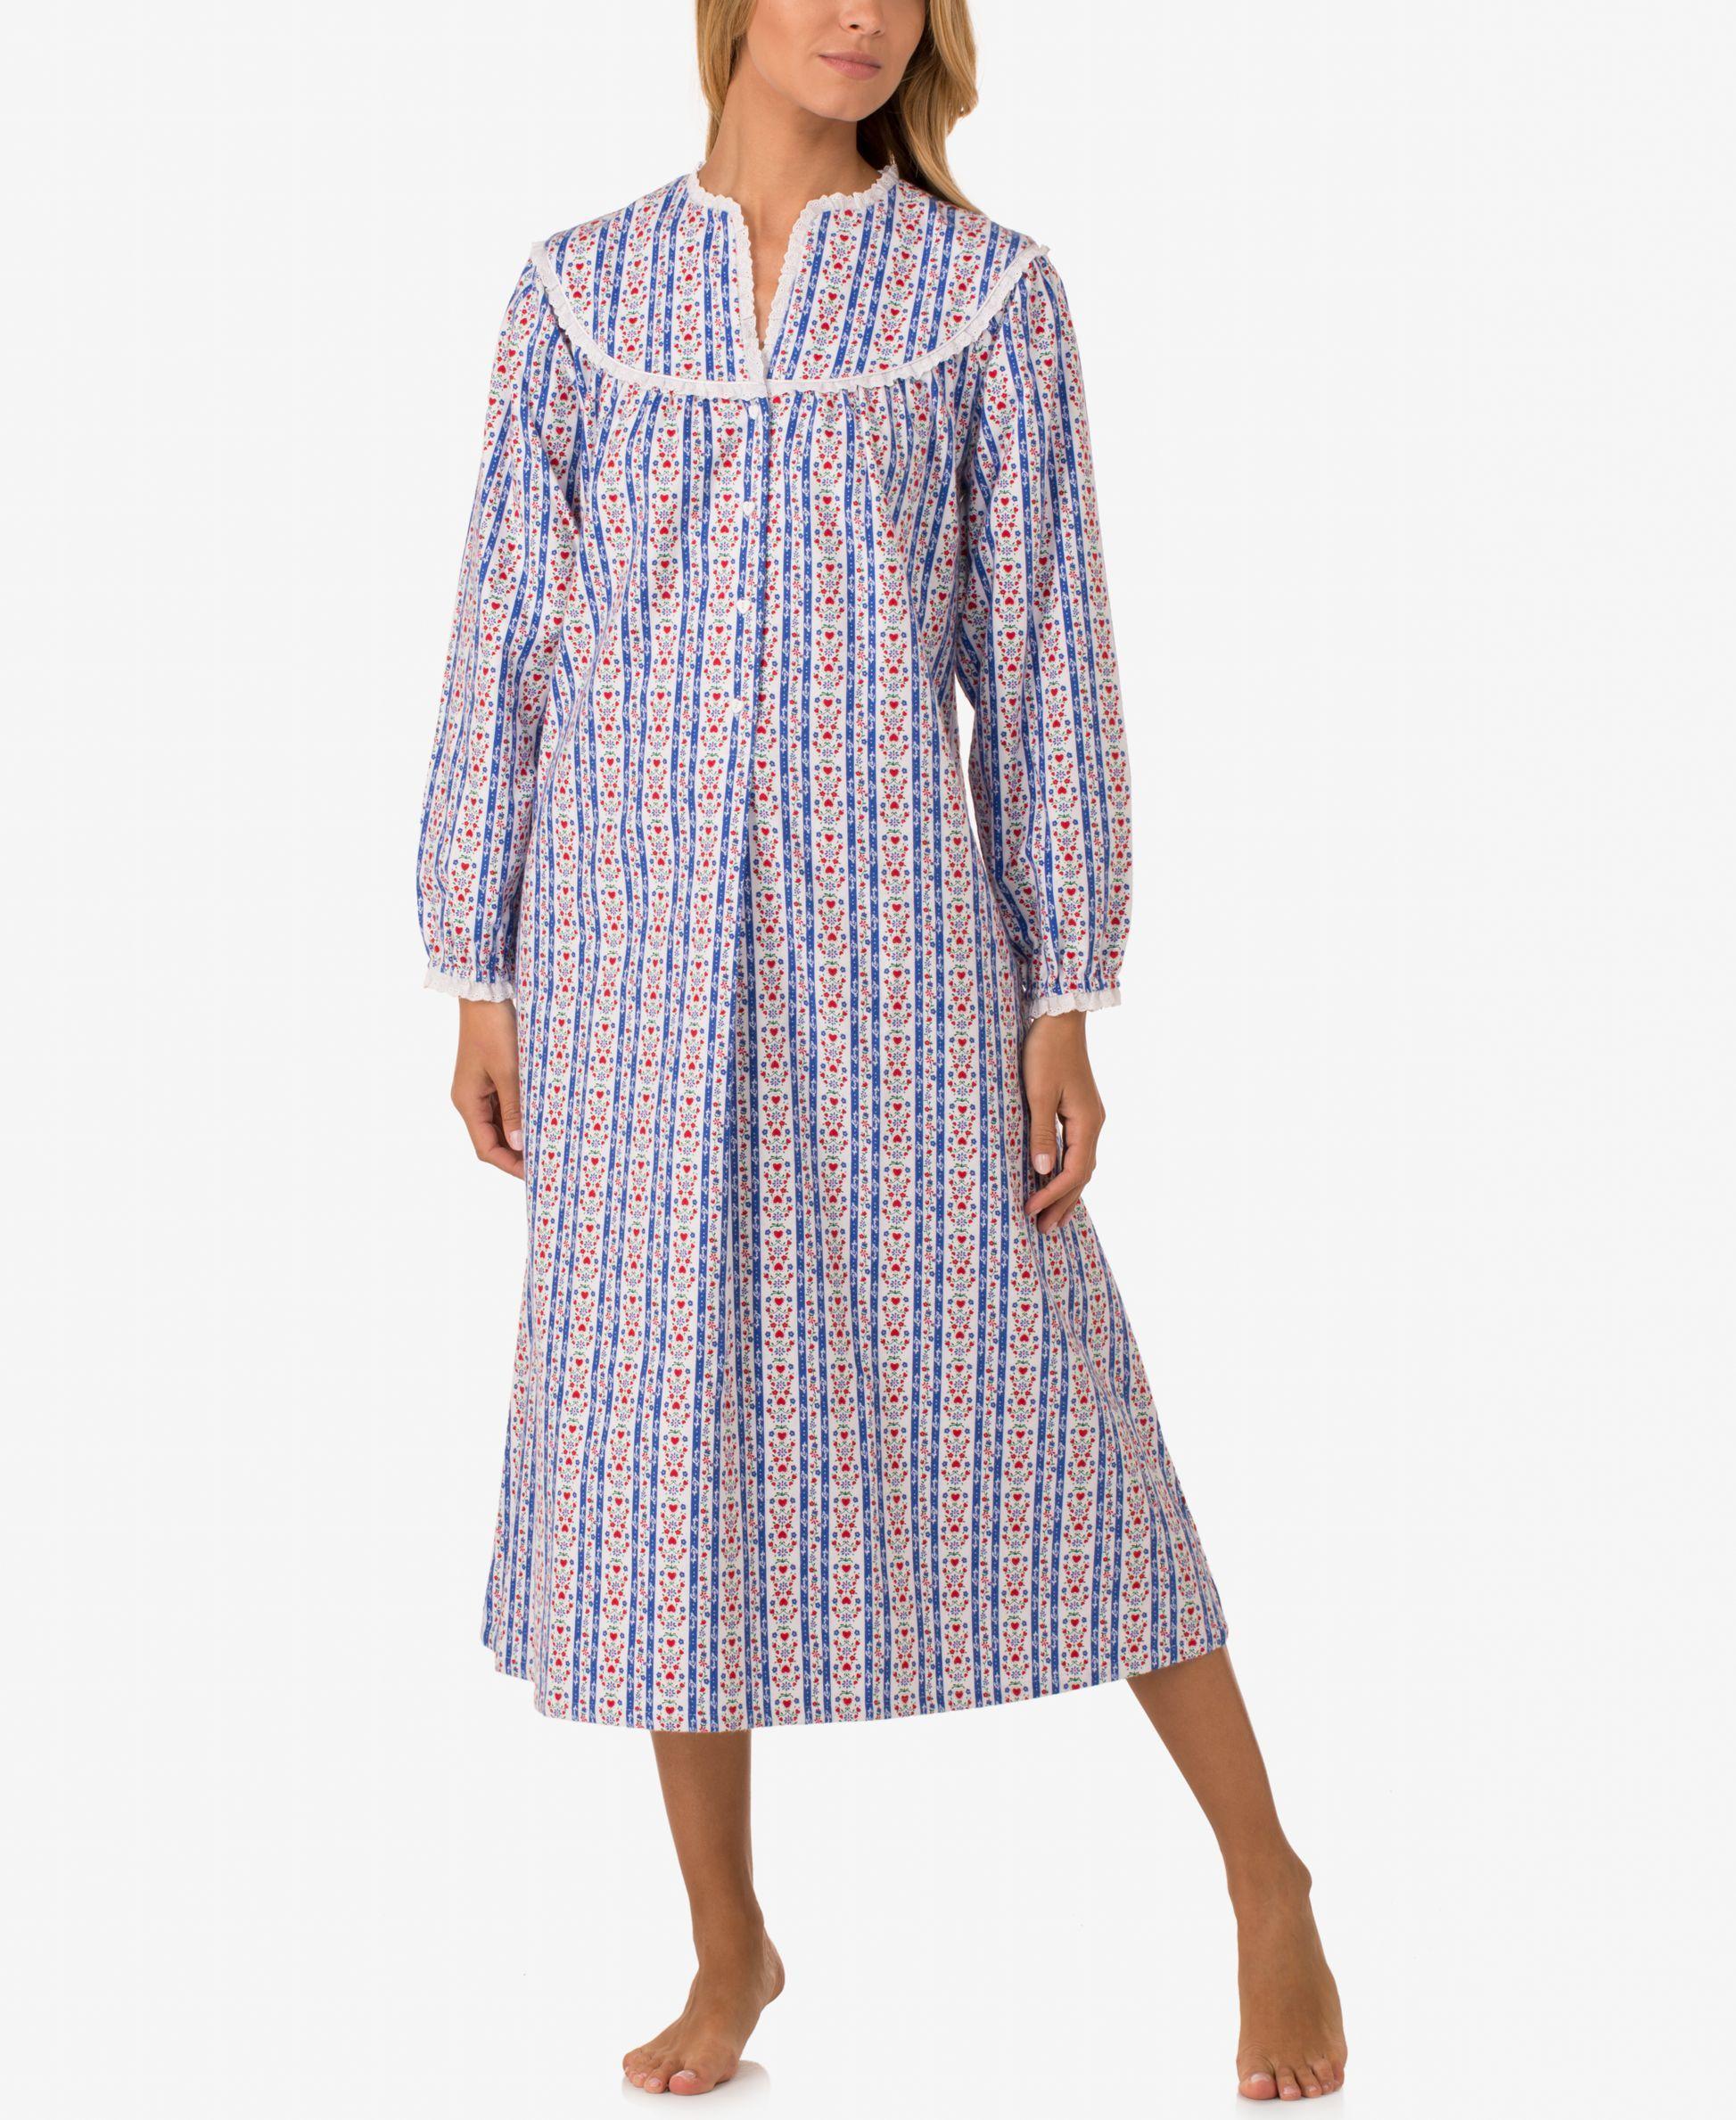 Lanz of Salzburg V-Neck Flannel Nightgown | Lanz of Salzburg ...